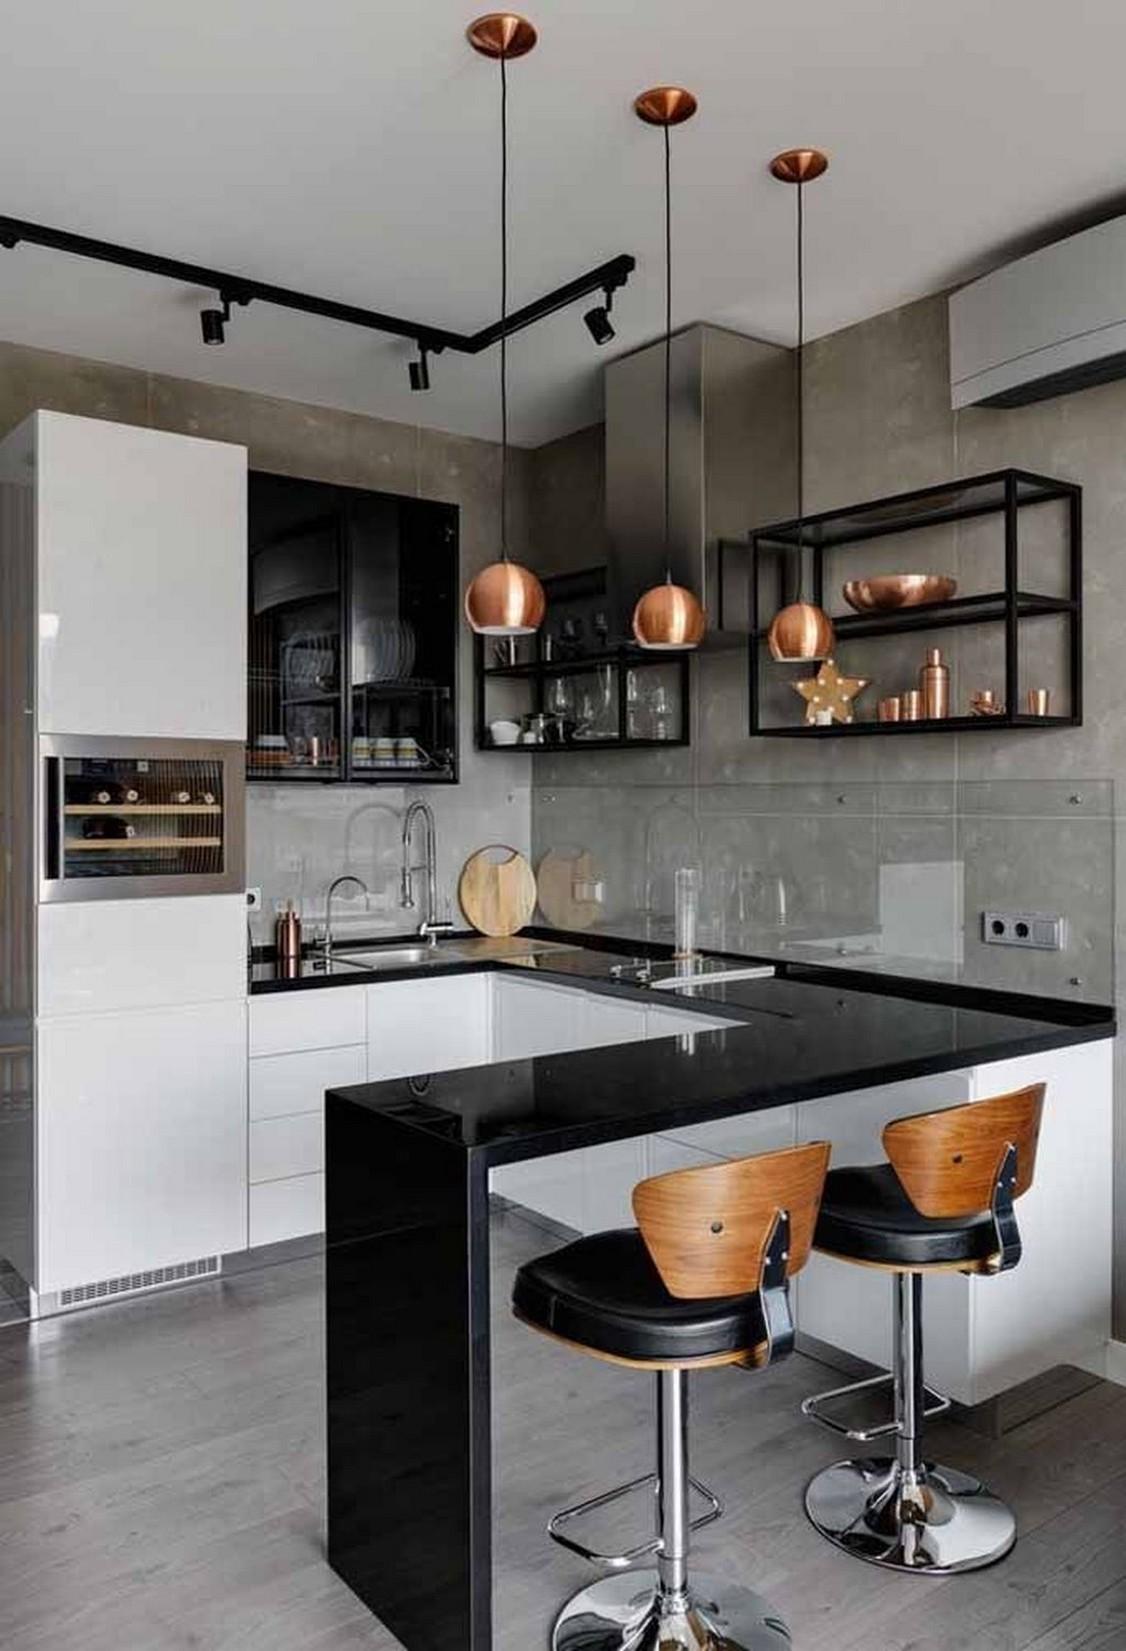 86 Modern Kitchen Ideas For Modern Kitchens Home Decor 53